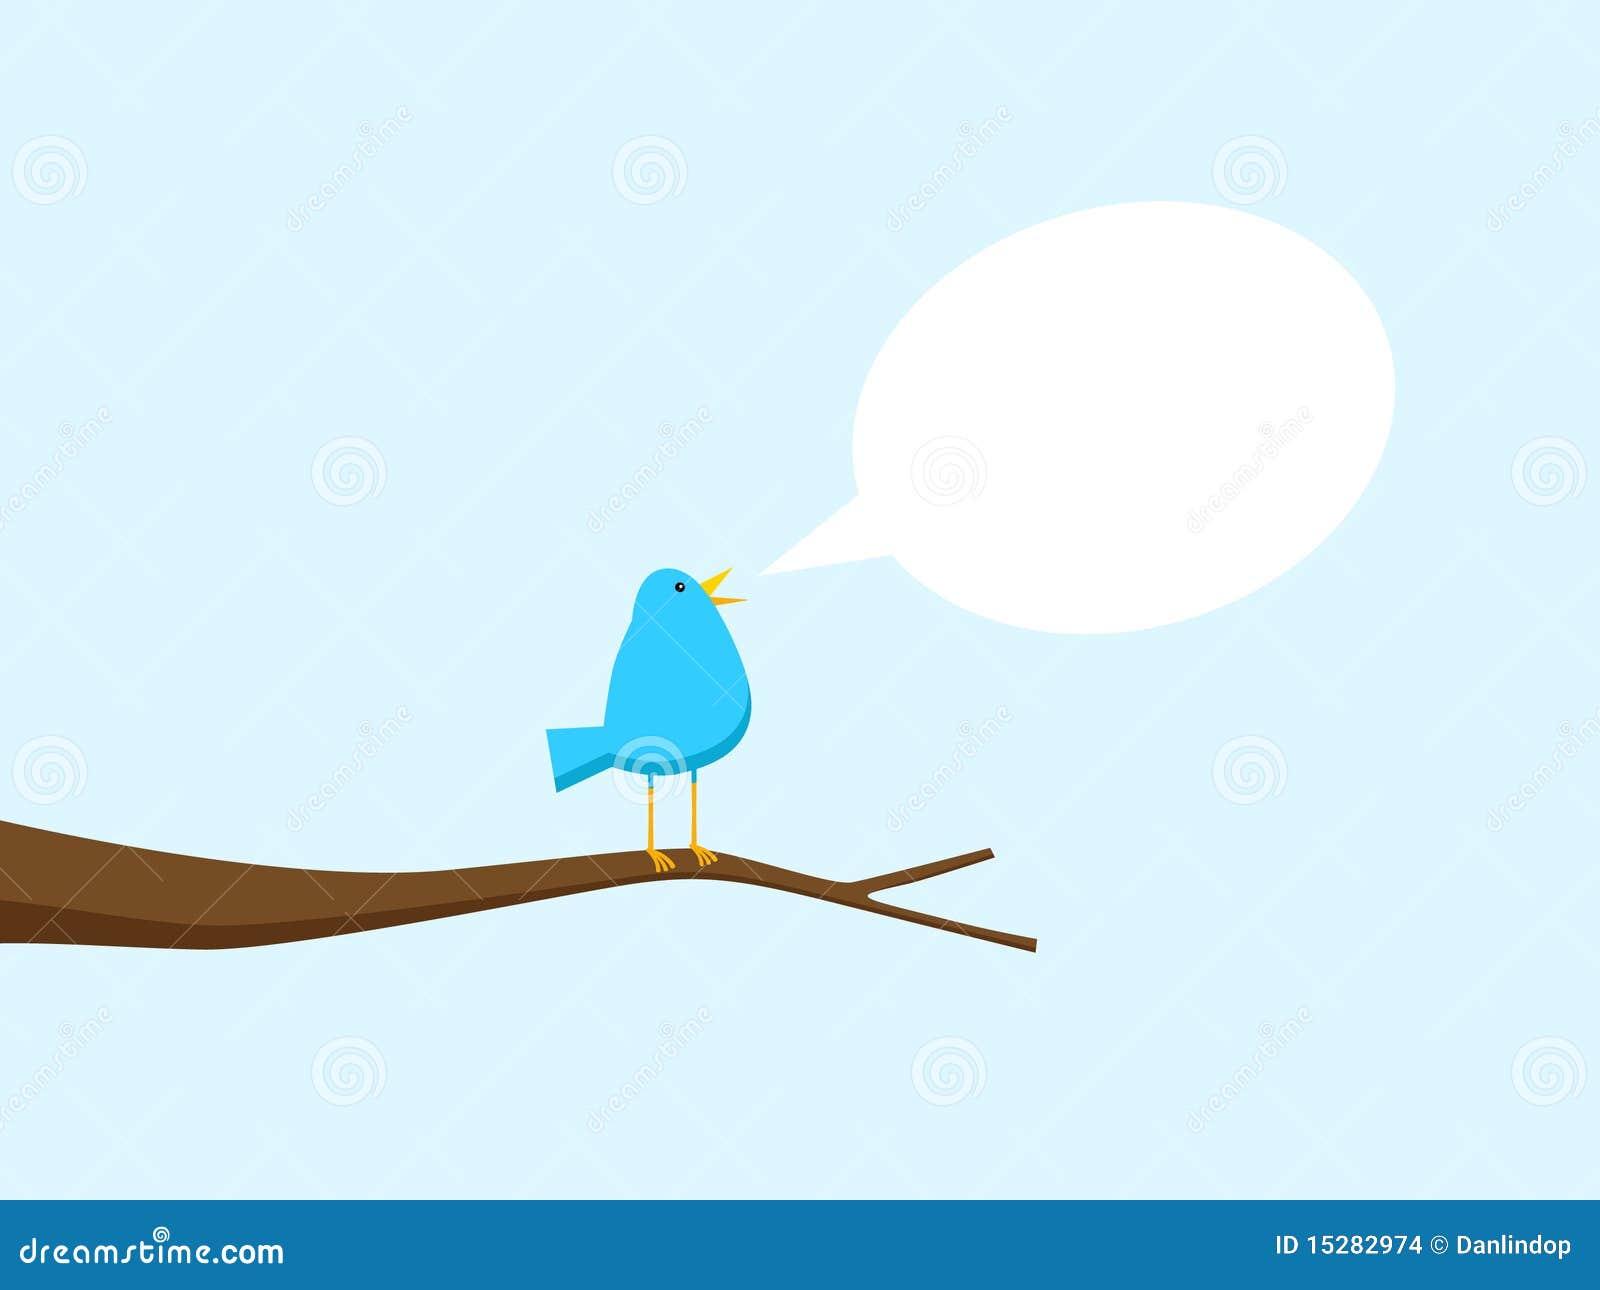 Amma: Bird house plans for blue jays